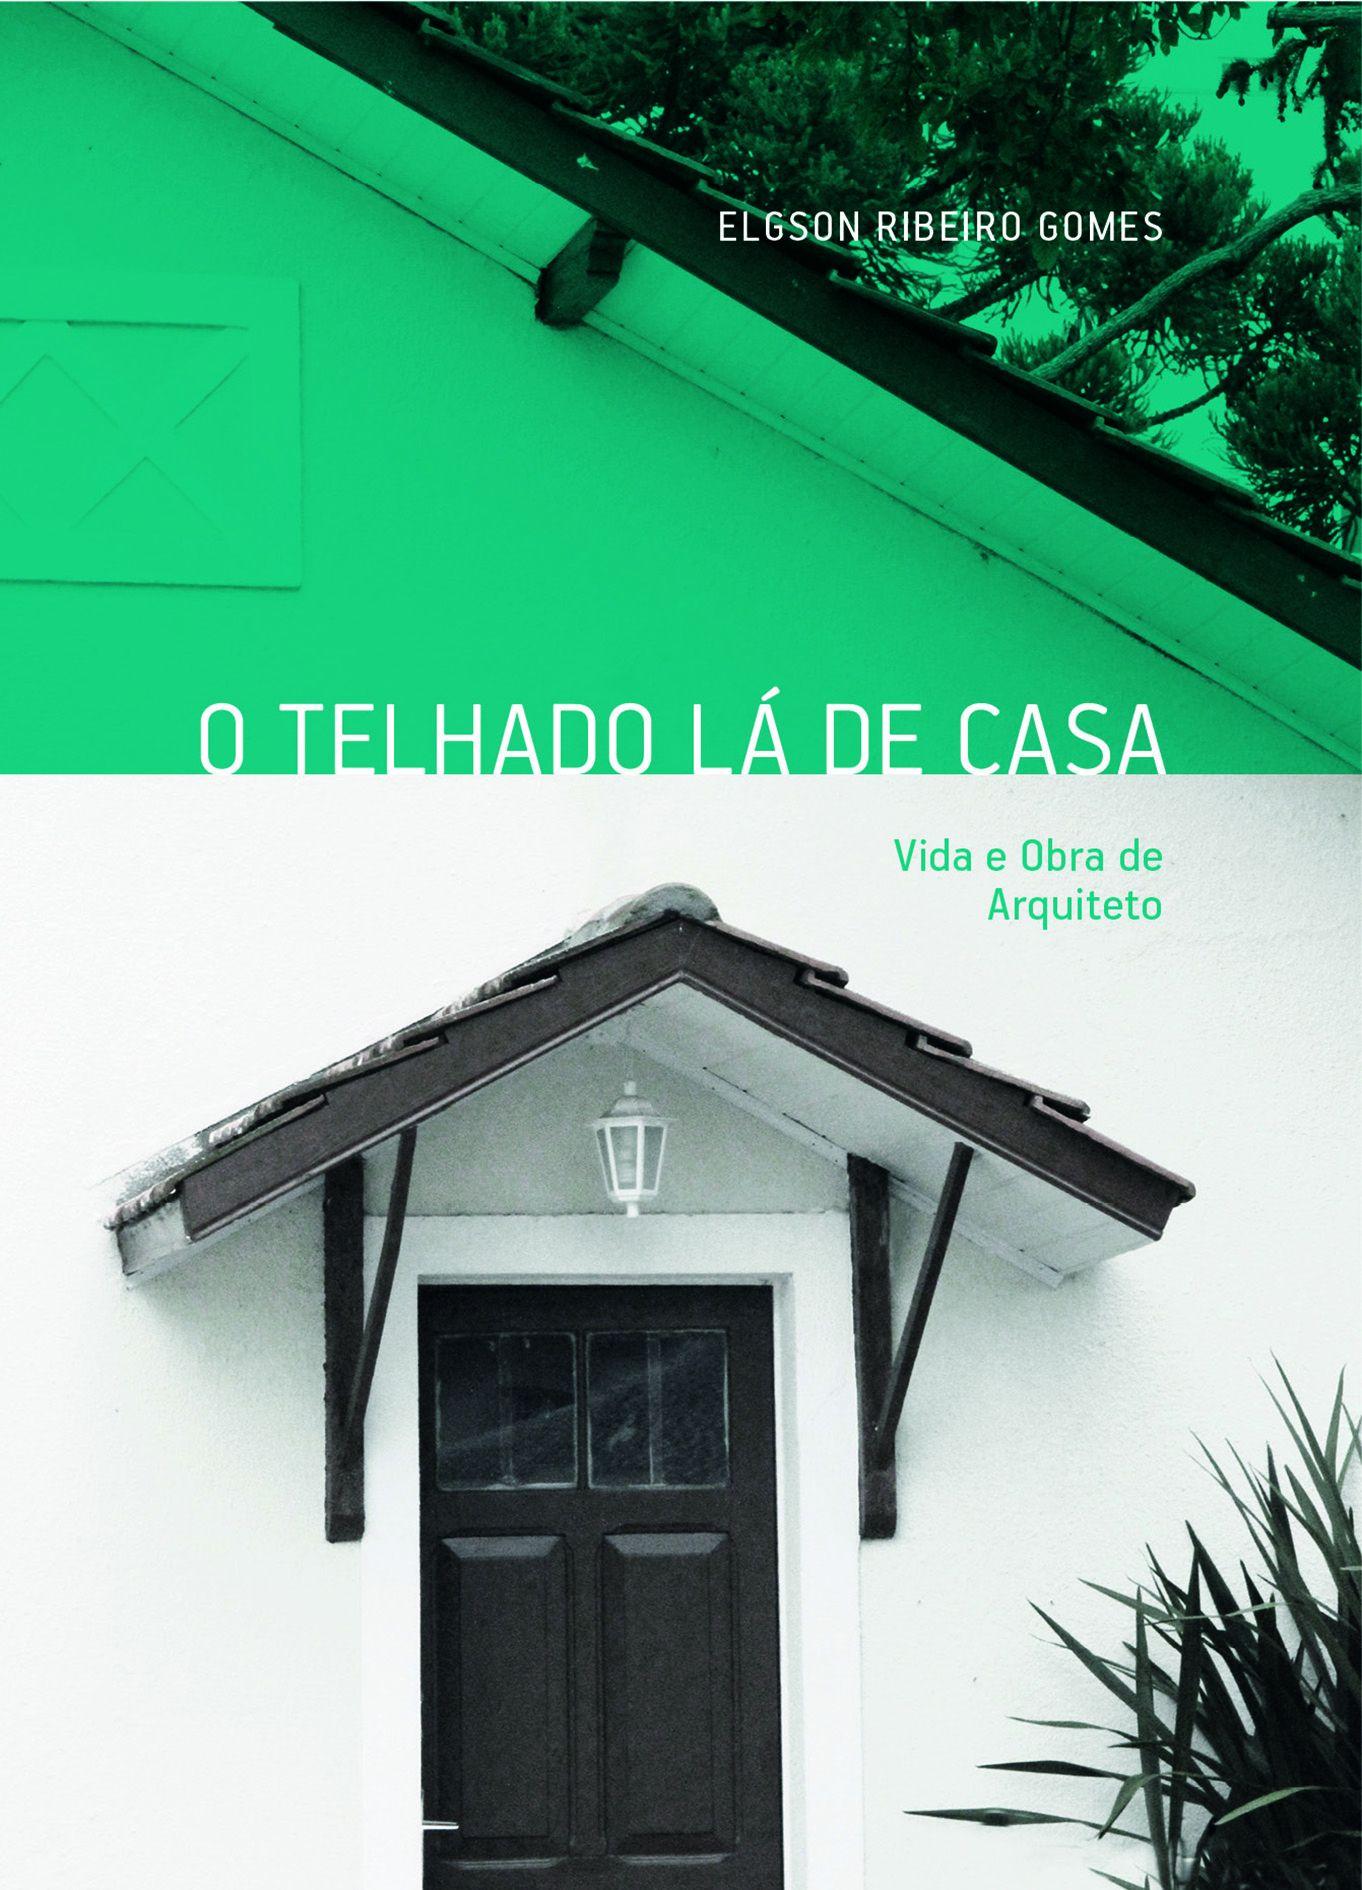 Vida e obra do arquiteto Elgson Ribeiro Gomes são reunidas em livro